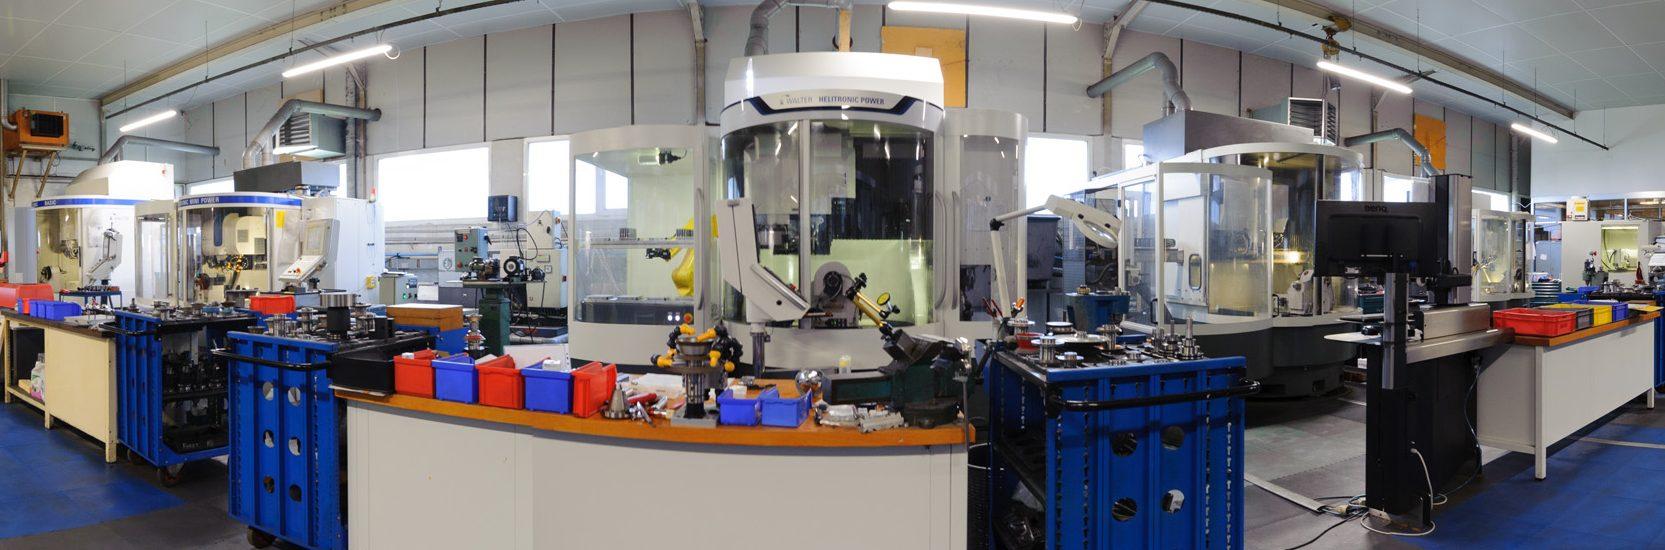 L'atelier de l'affuteur outils coupants Socap à Sens 89